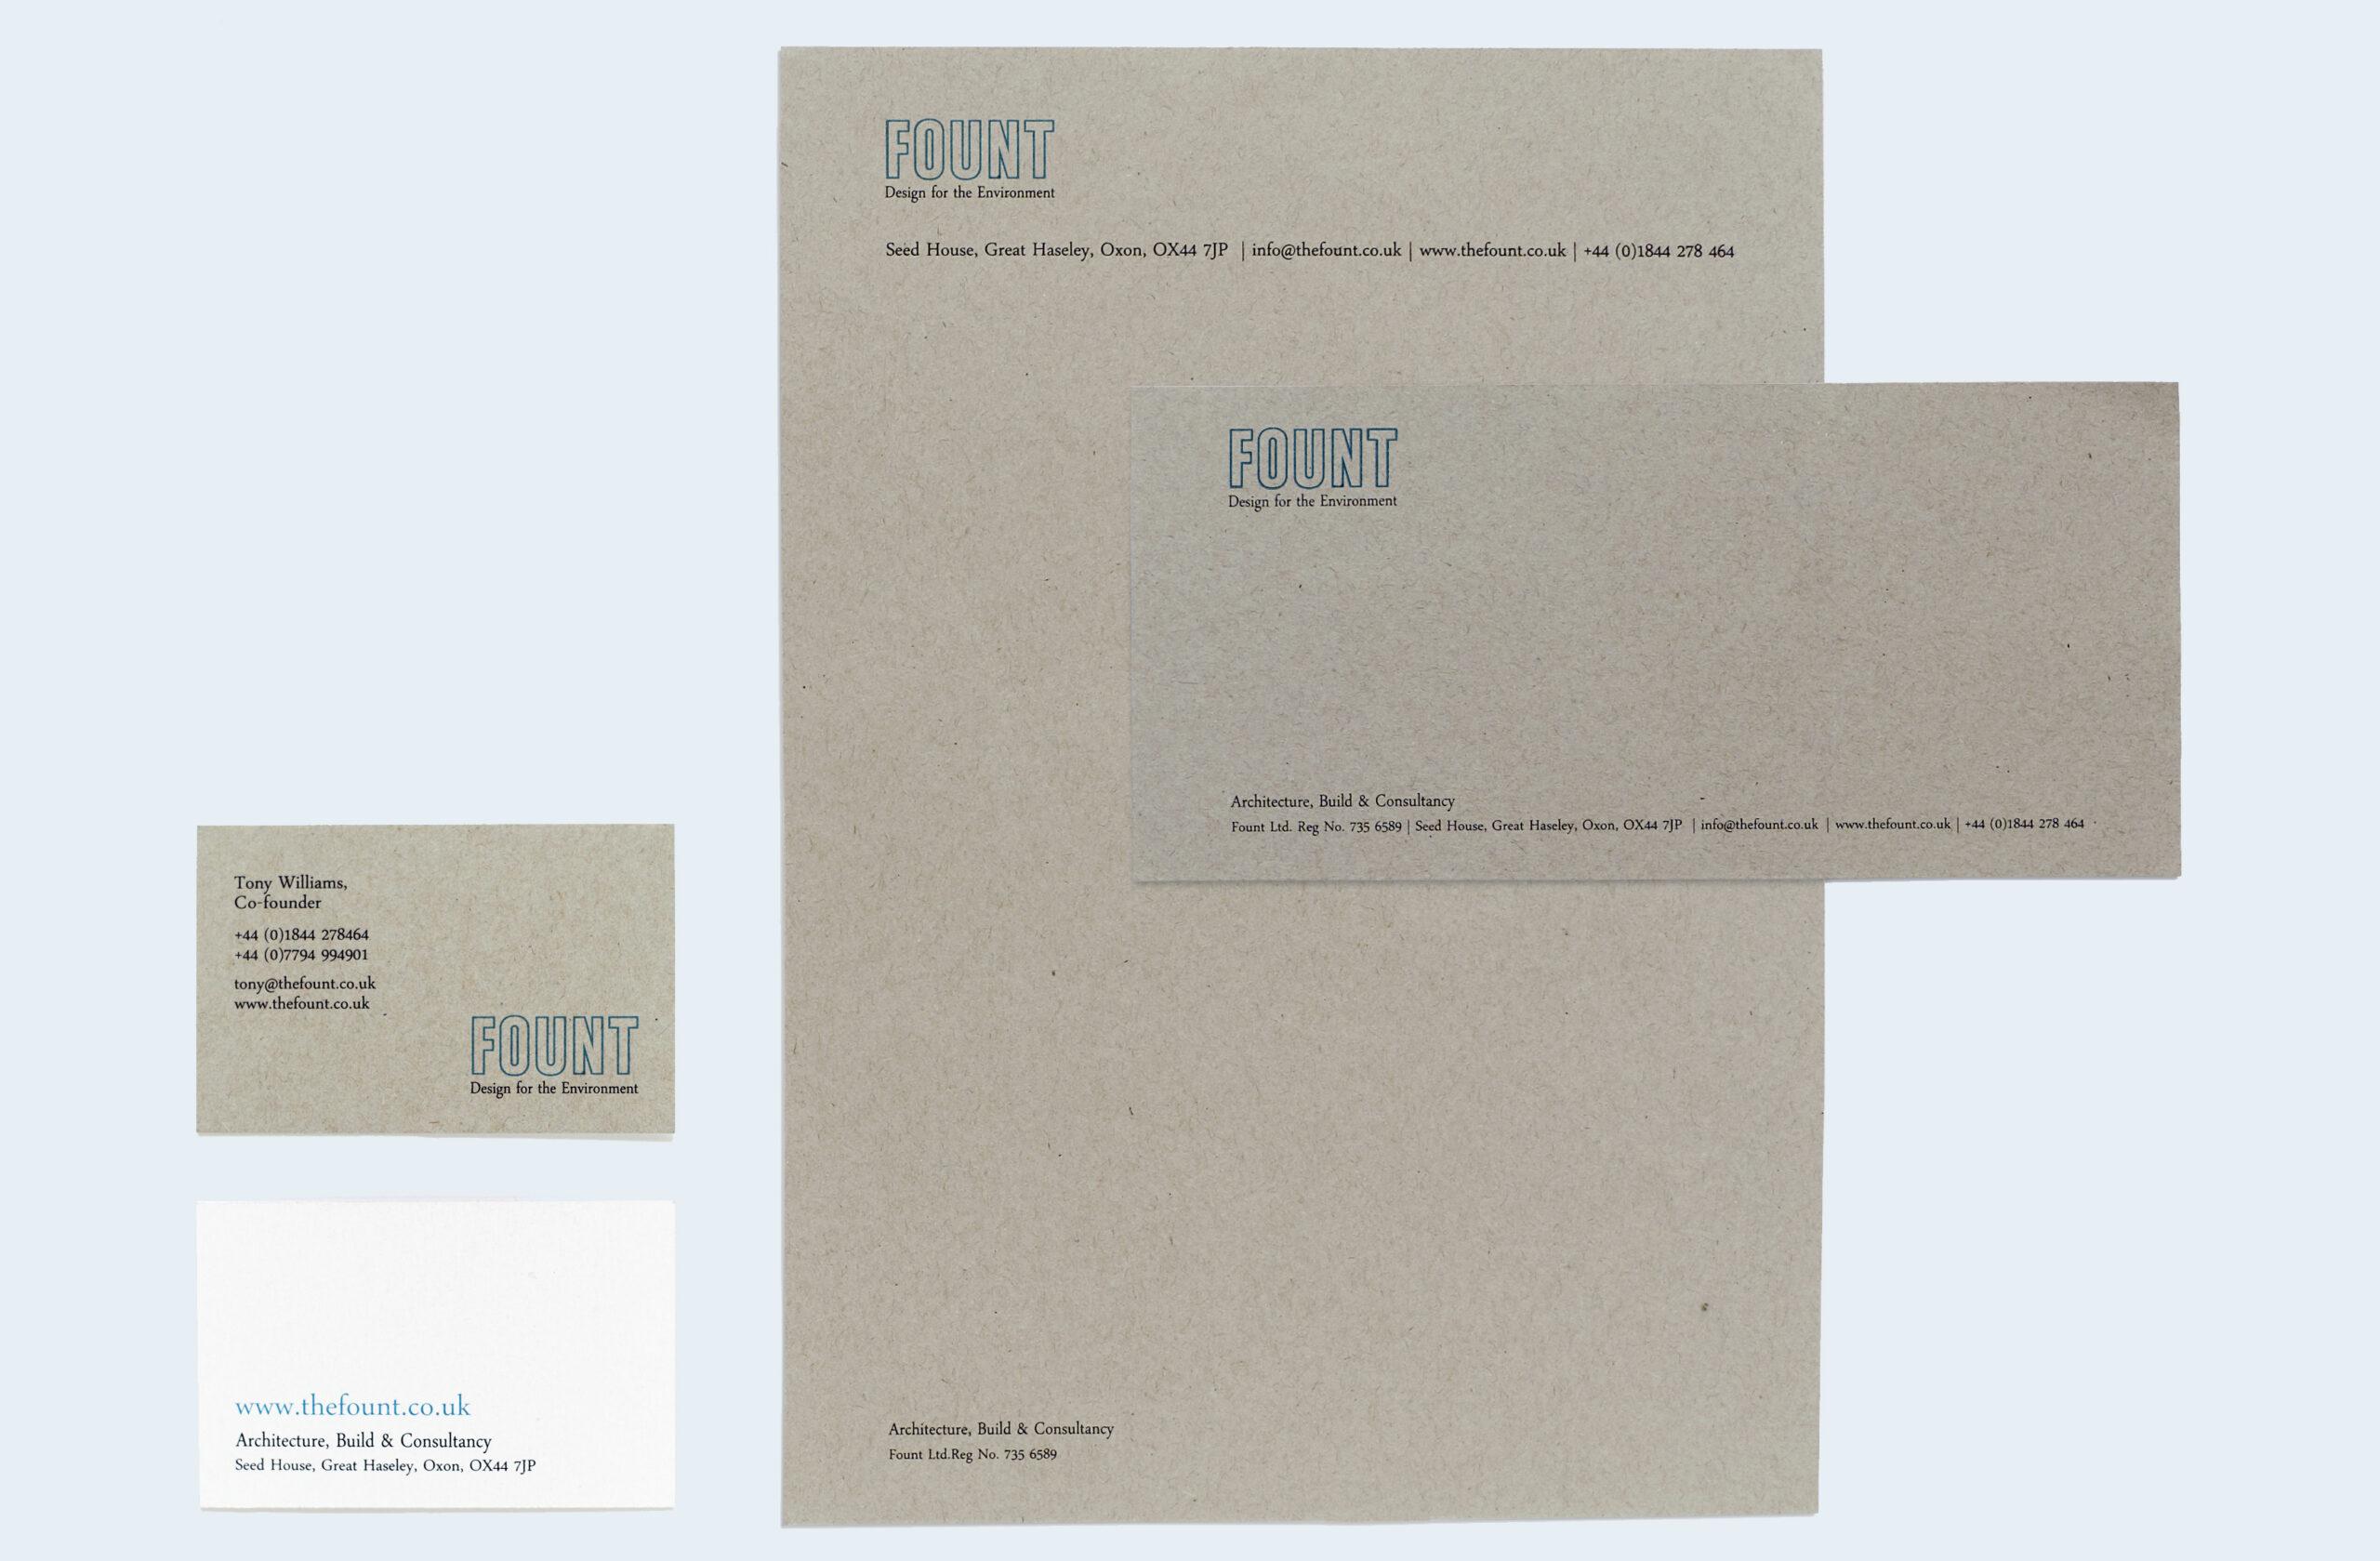 Brand-identity_Fount-copy